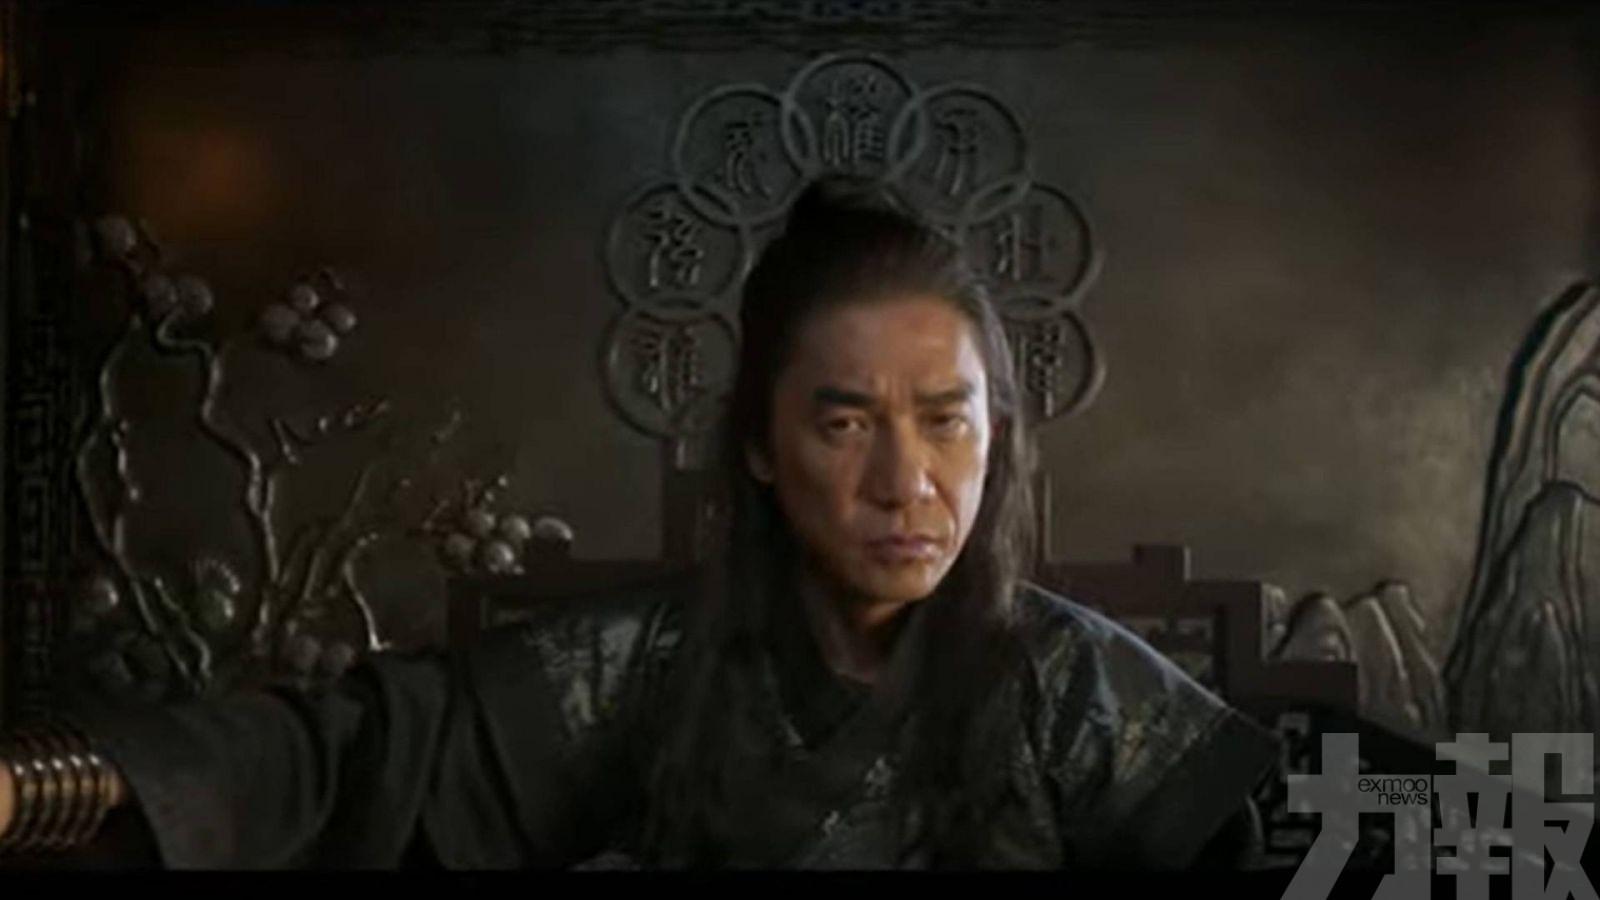 劉思慕演「尚氣」突破刻板印象